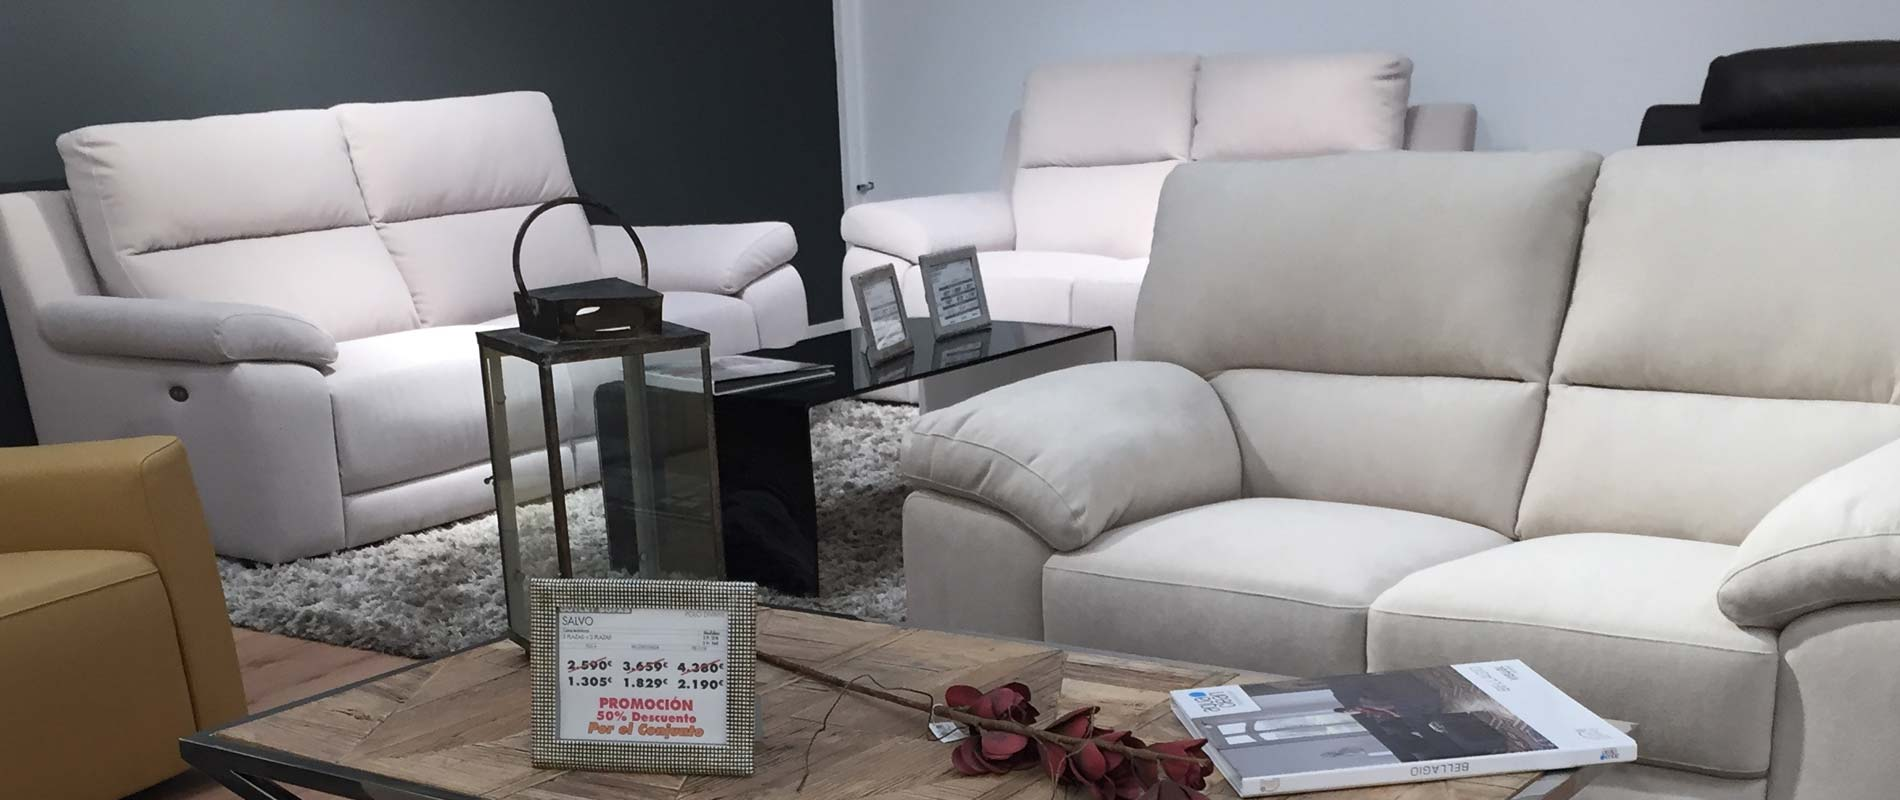 tiendas sofas madrid sur round sectional sofa tienda outlet sofás európolis baratos